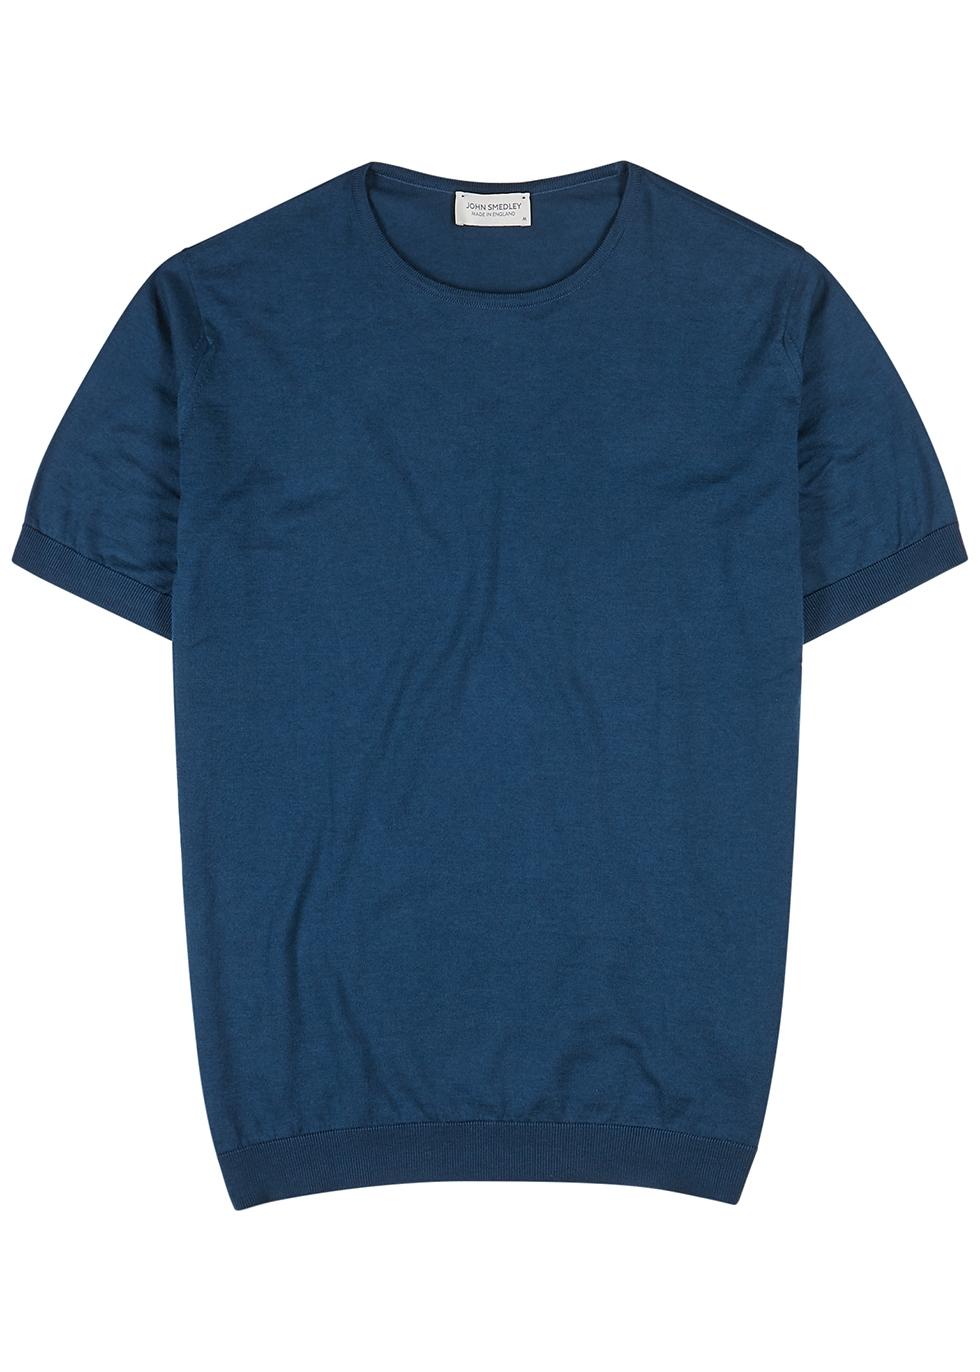 Belden navy knitted-cotton T-shirt - John Smedley